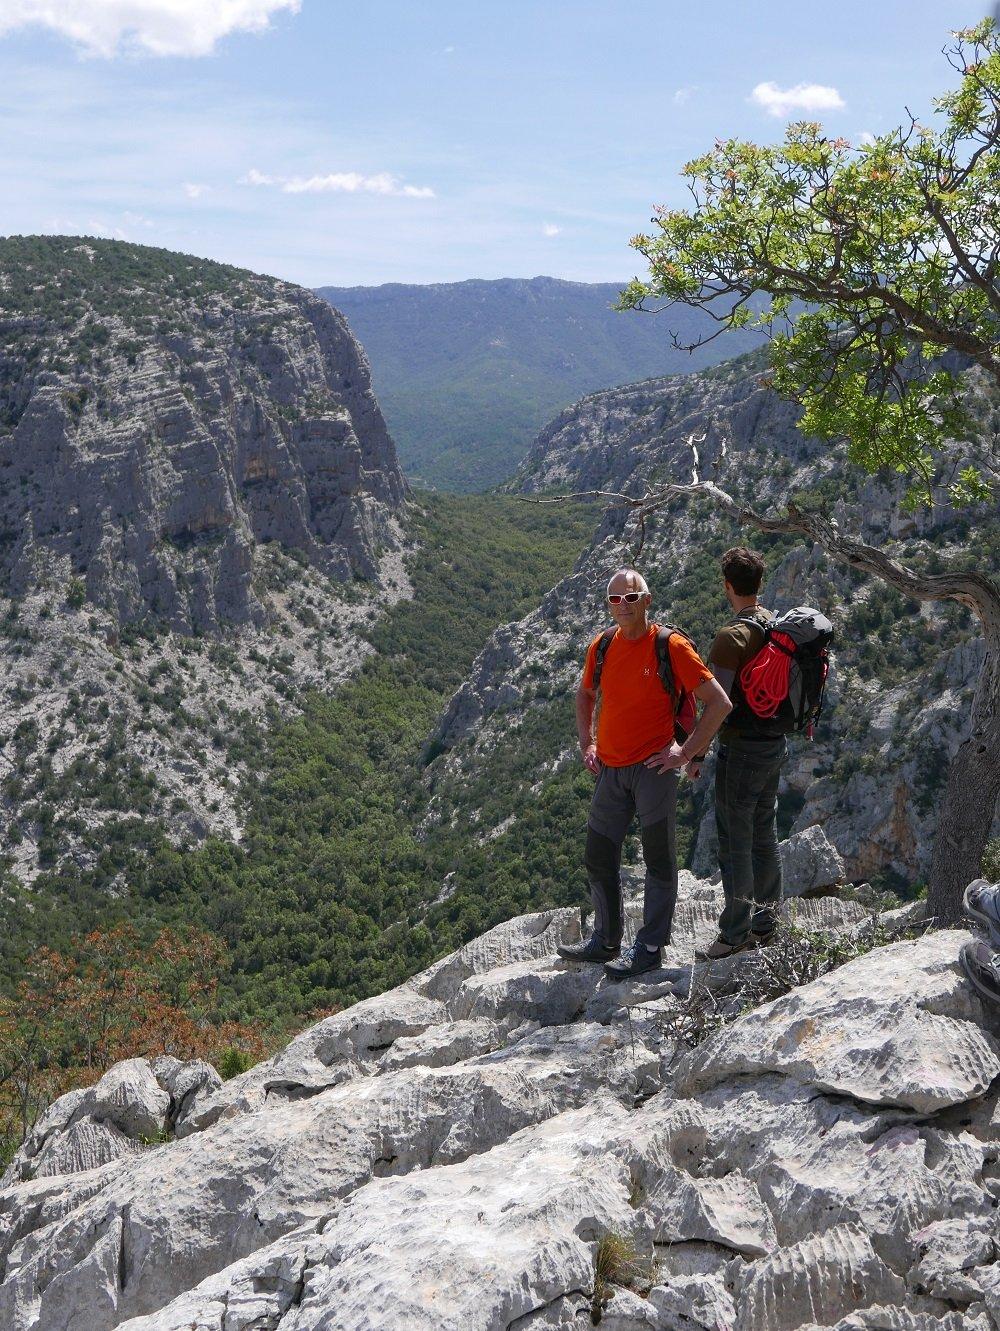 Il Doloverre di Surtana visto dal bordo della dolina di Tiscali (l'VIII pilastro è quello più a monte, che si vede interamente di profilo)